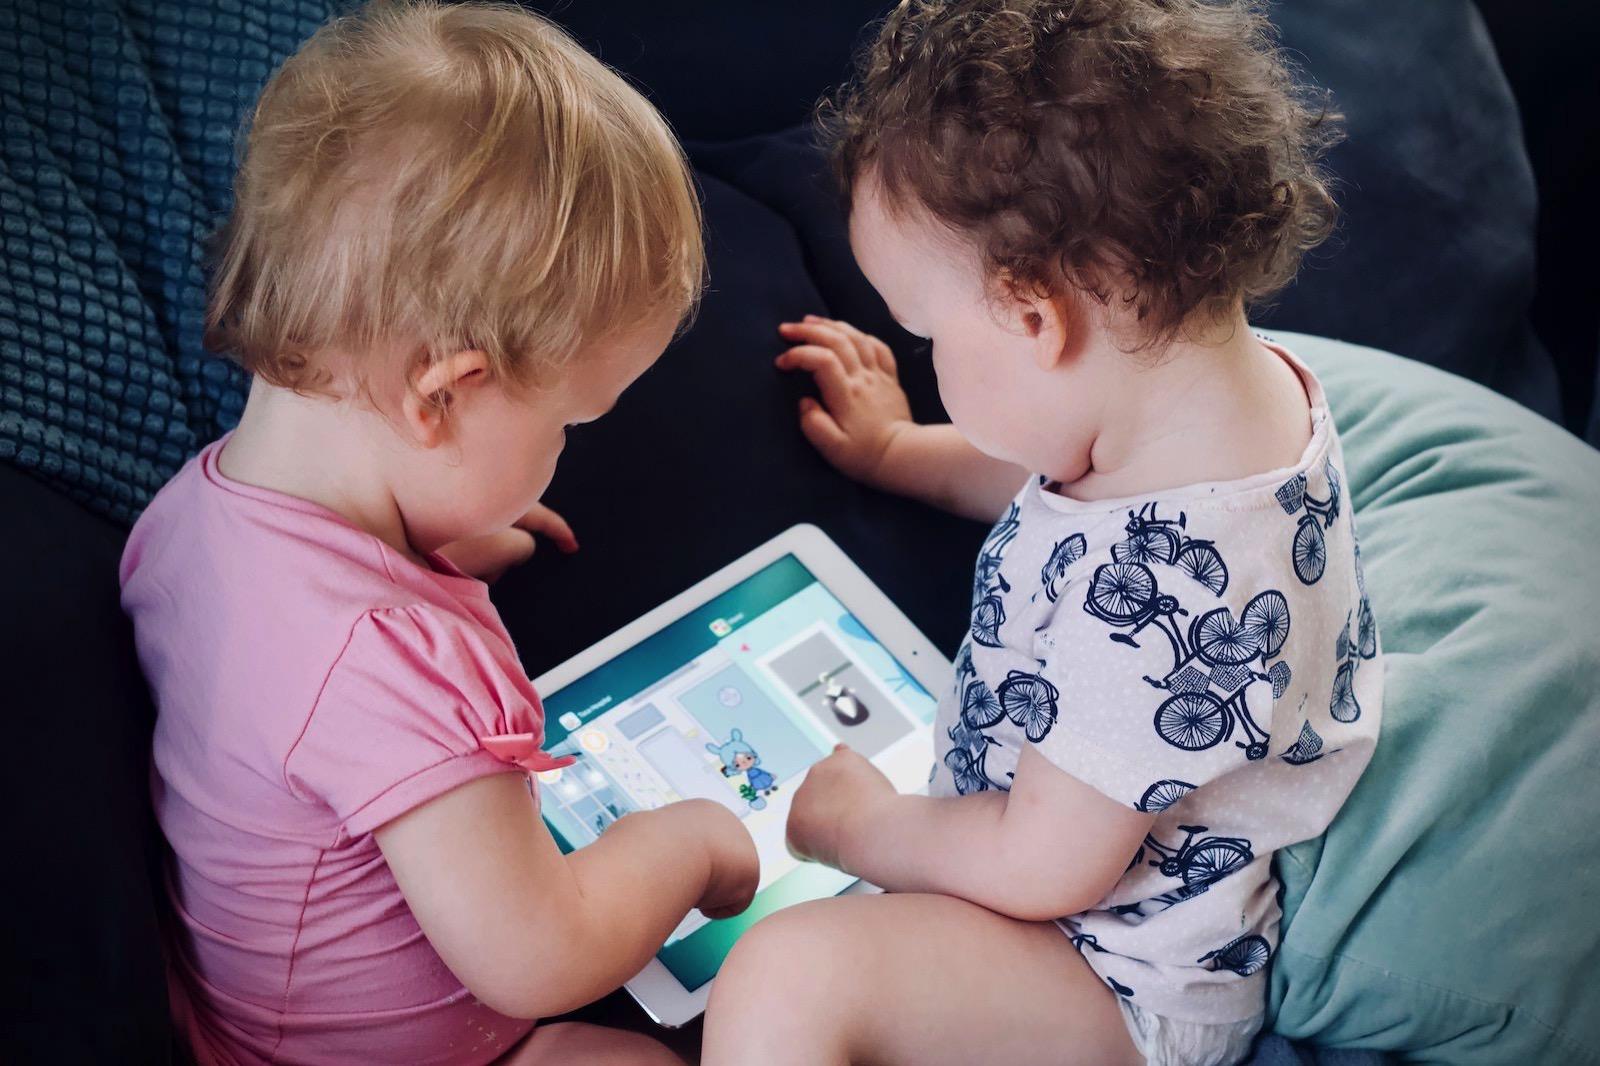 jelleke-vanooteghem-386022-unsplash-Kids-using-an-ipad.jpg